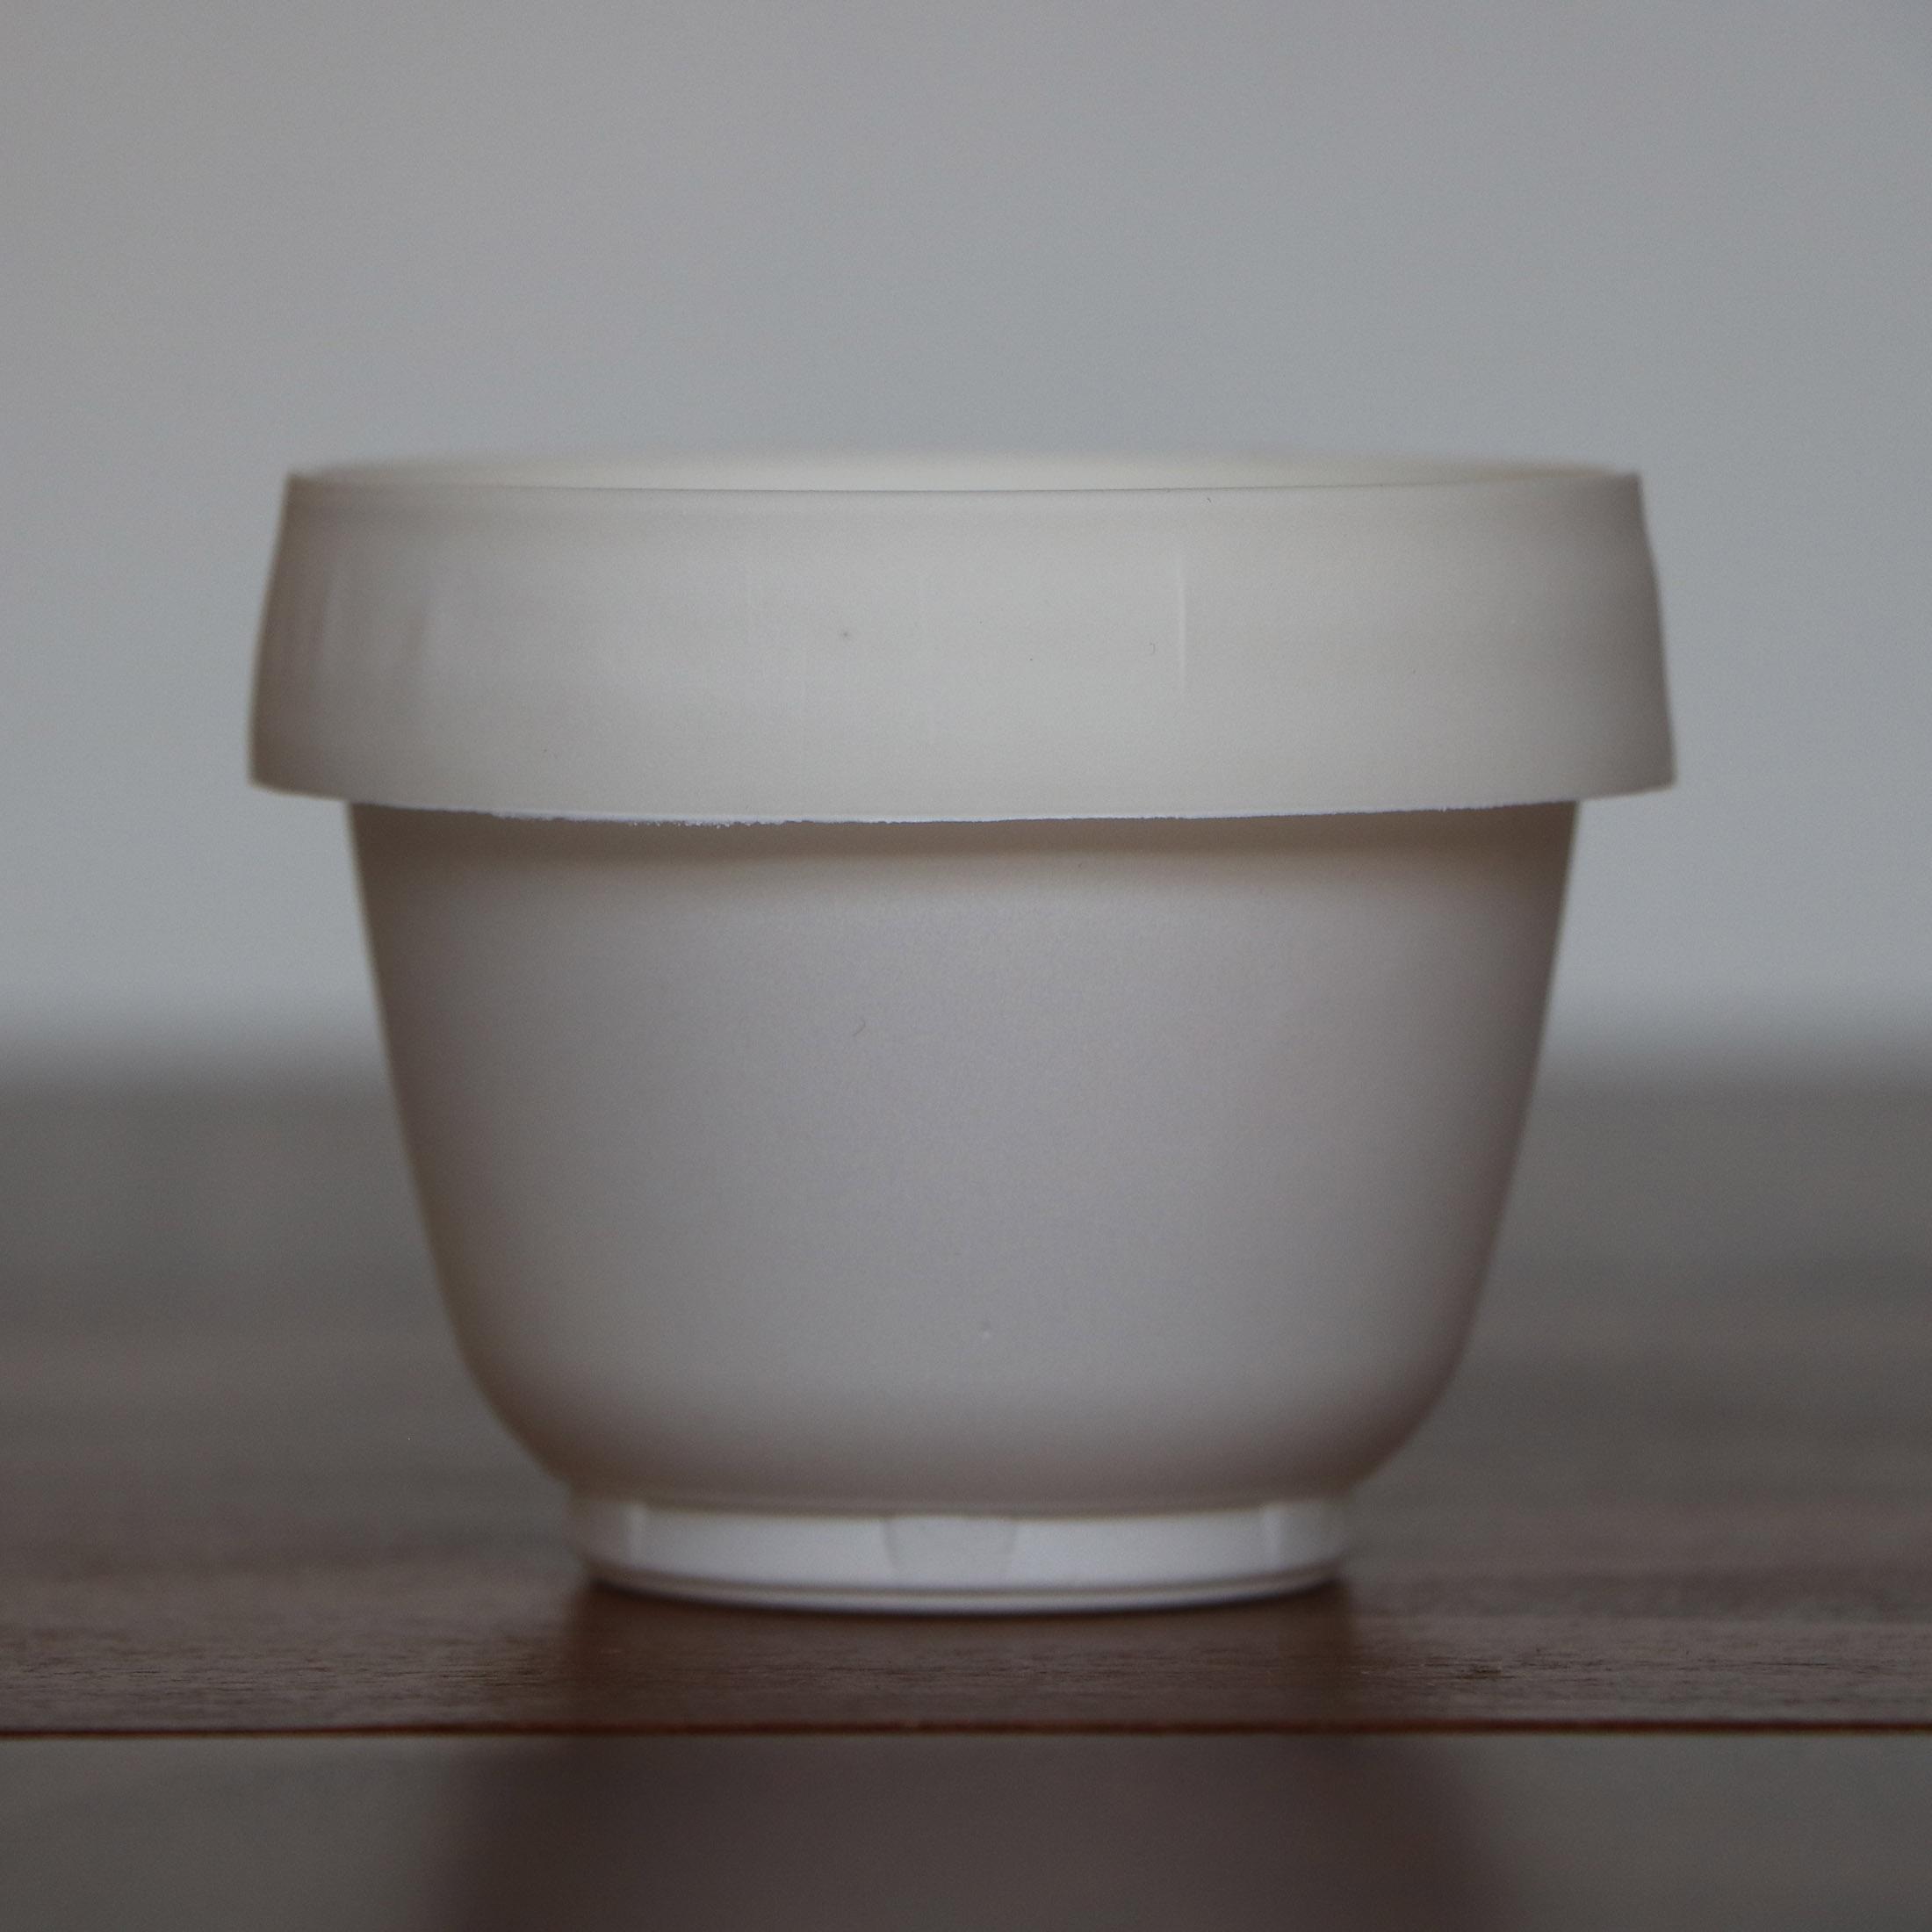 فنجان یکبار مصرف آملون مدل AML-FEN-24 بسته 24 عددی